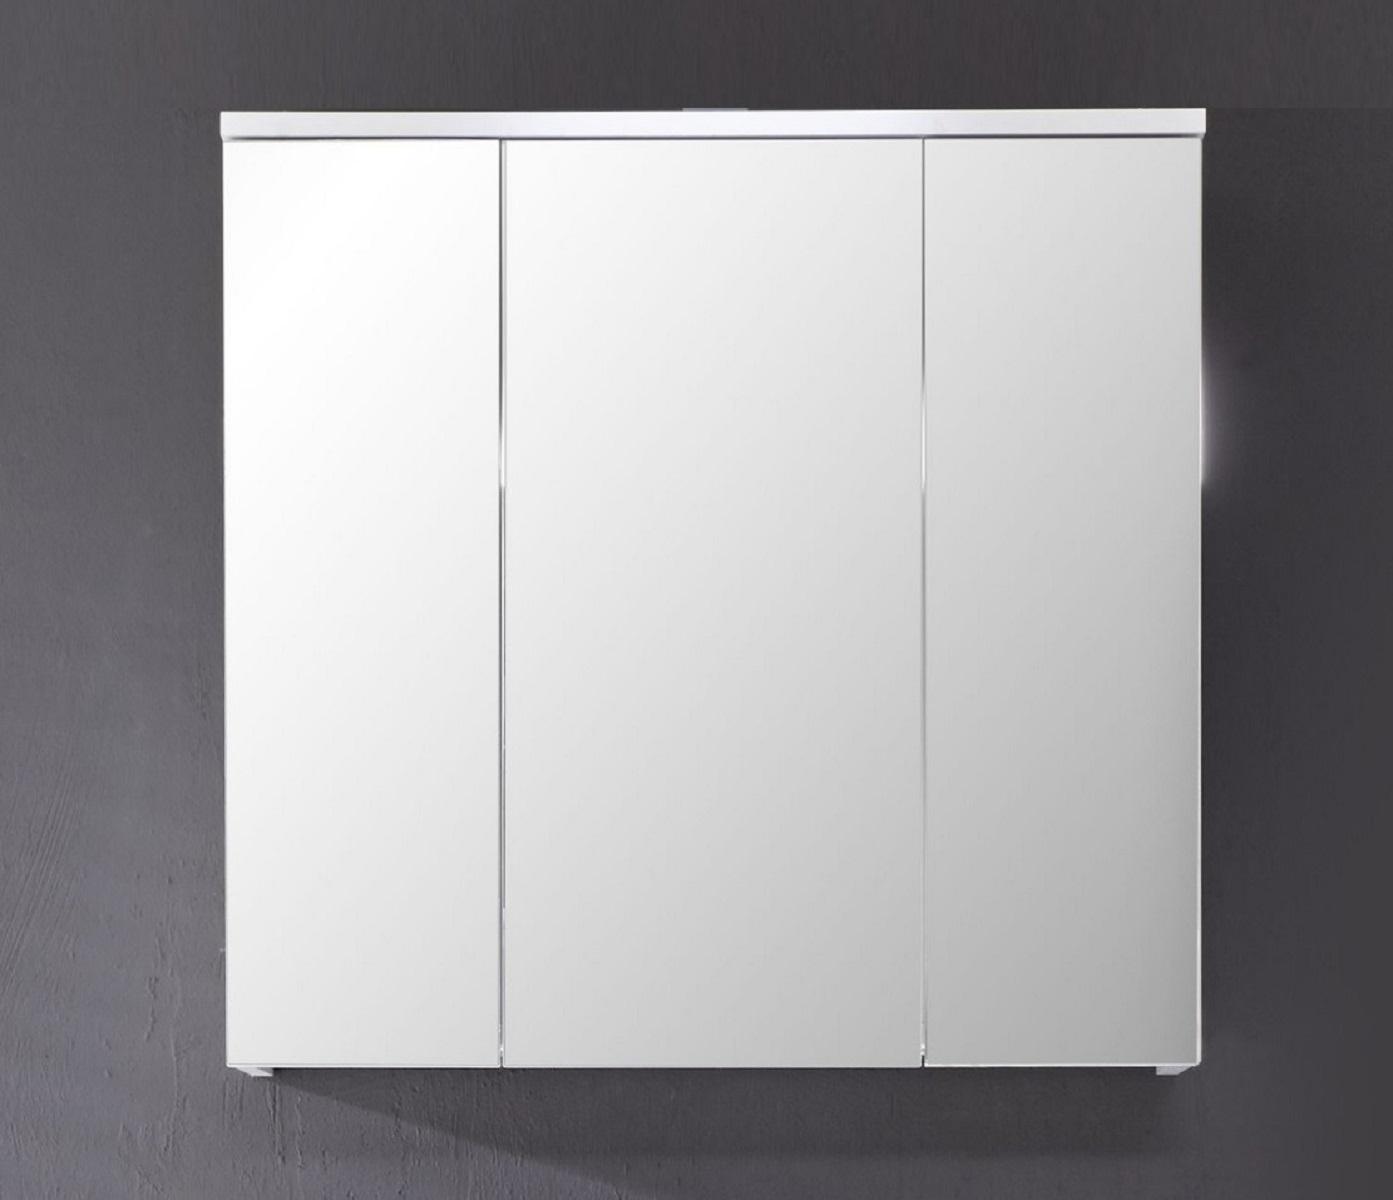 Deckenlampe Wohnzimmer Gunstig Spiegelschrank badezimmer